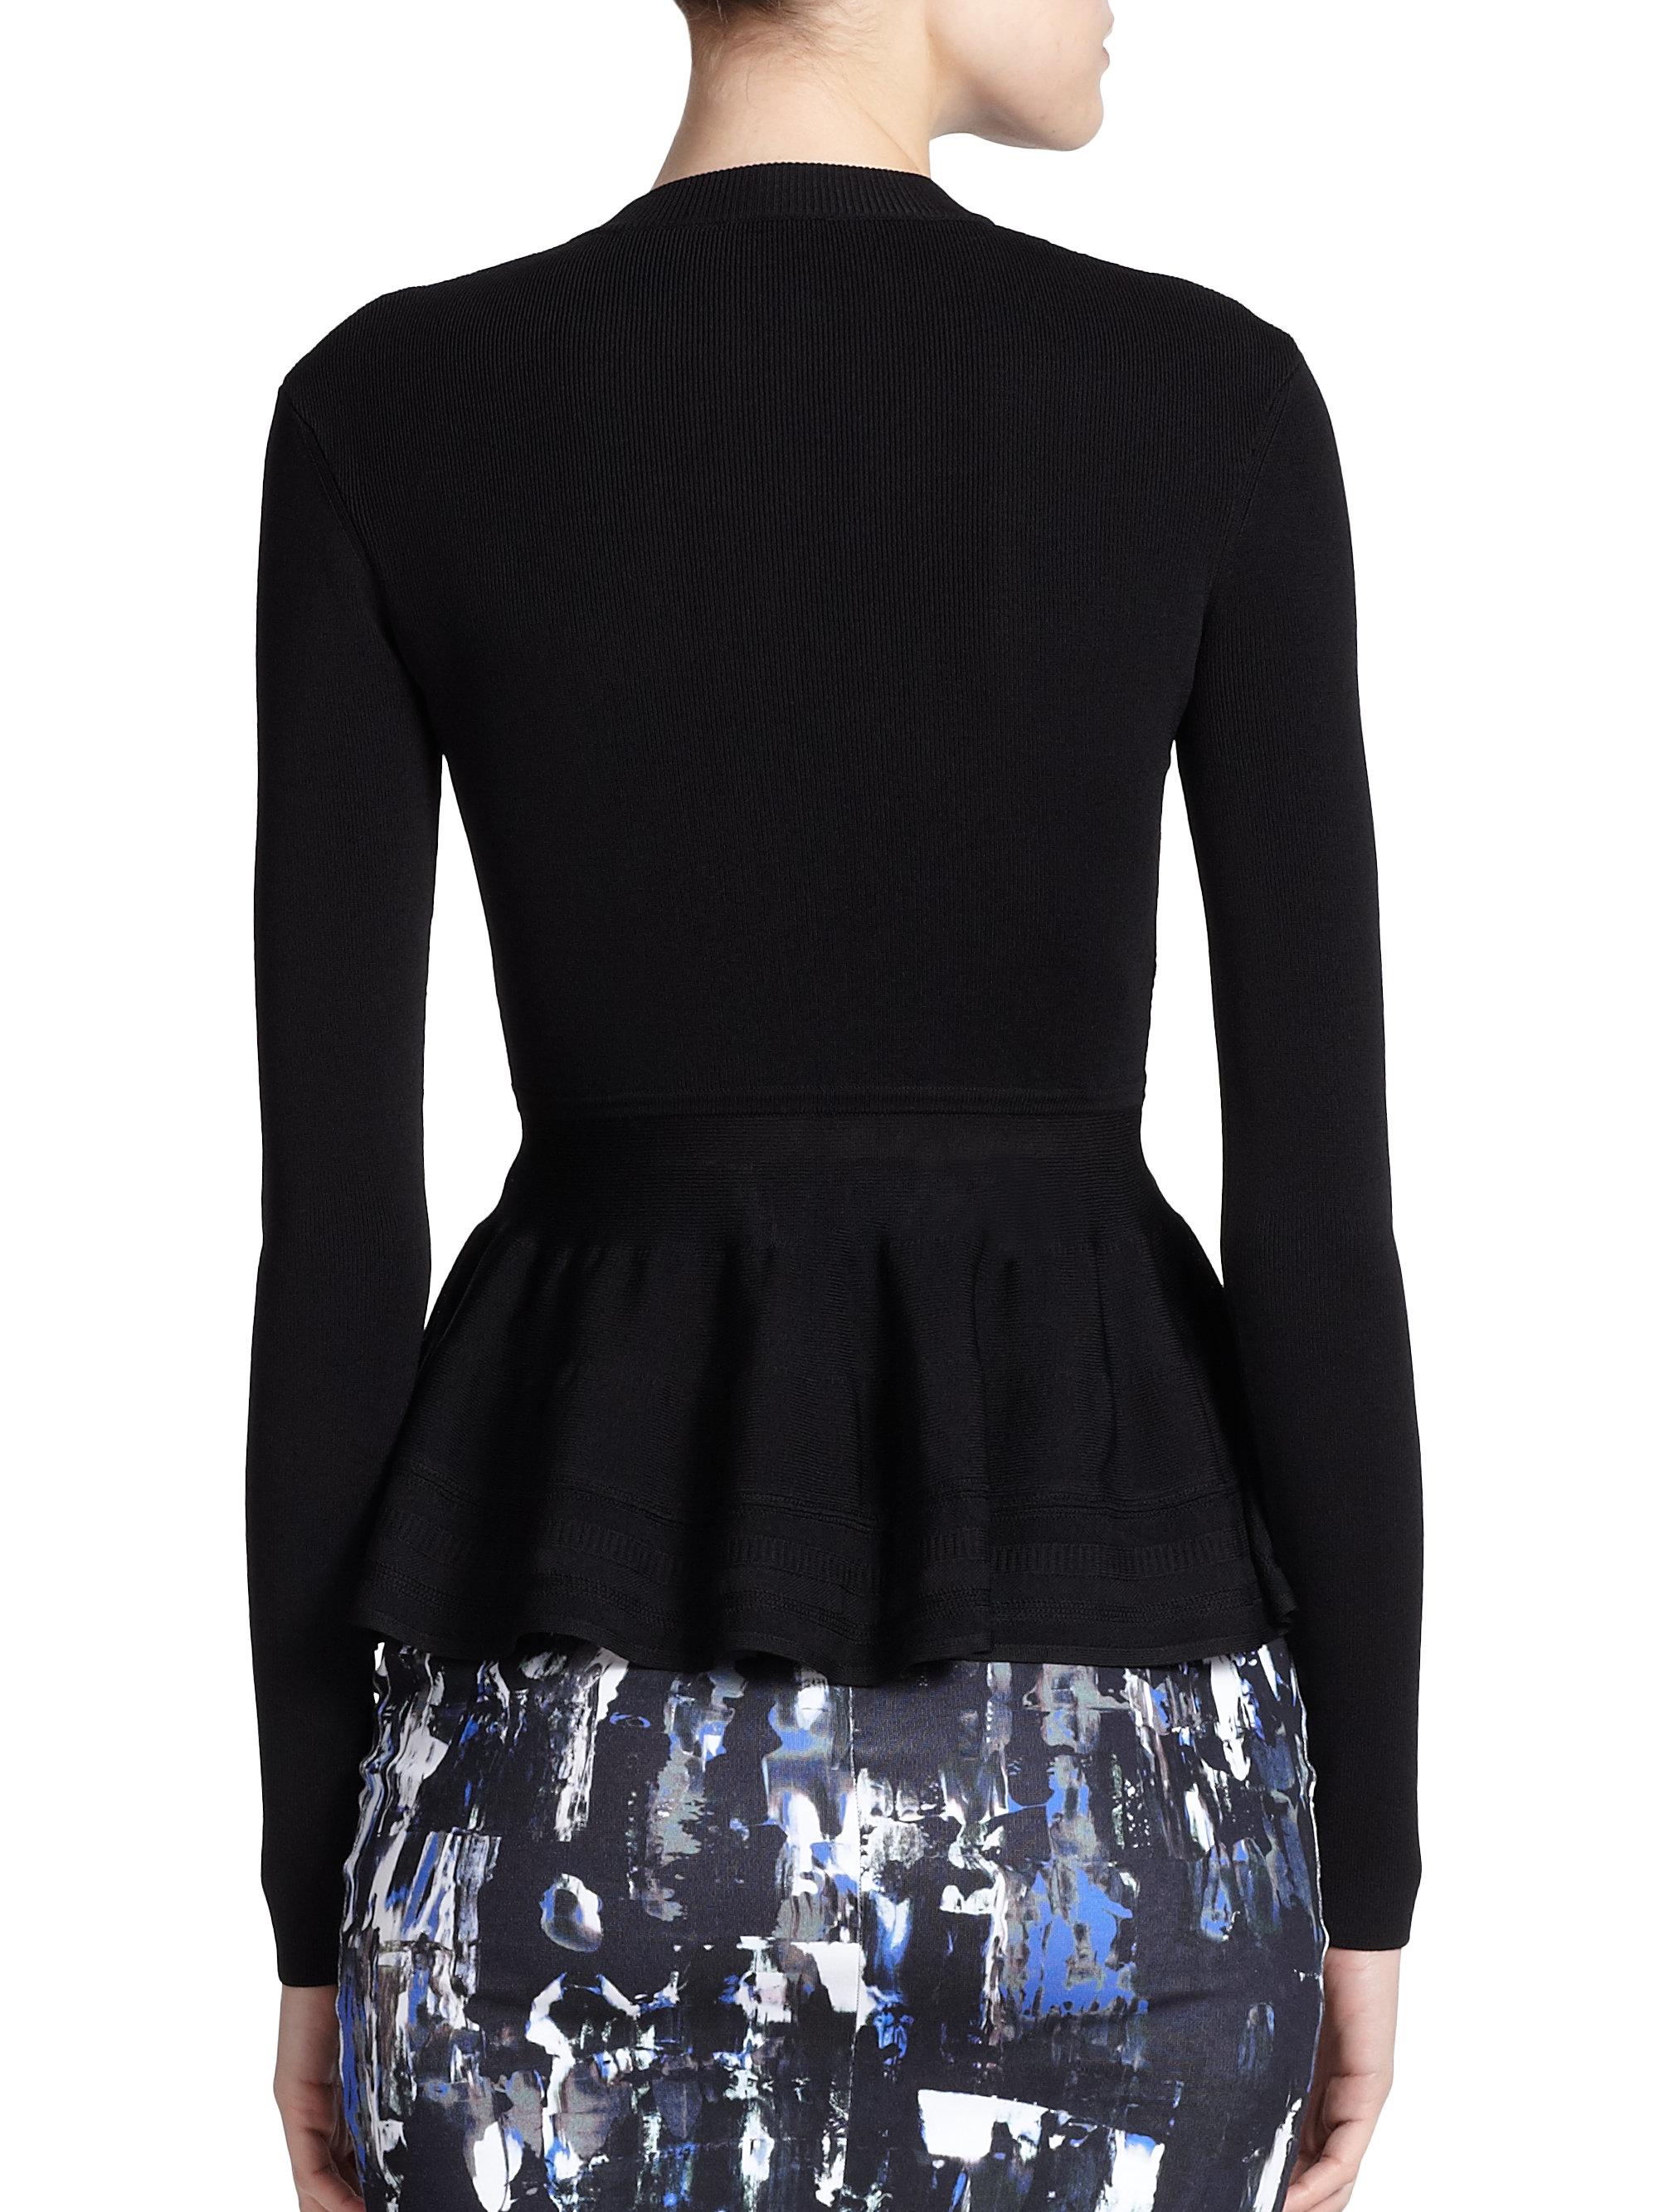 Mcq Knit Peplum Jacket in Black Lyst